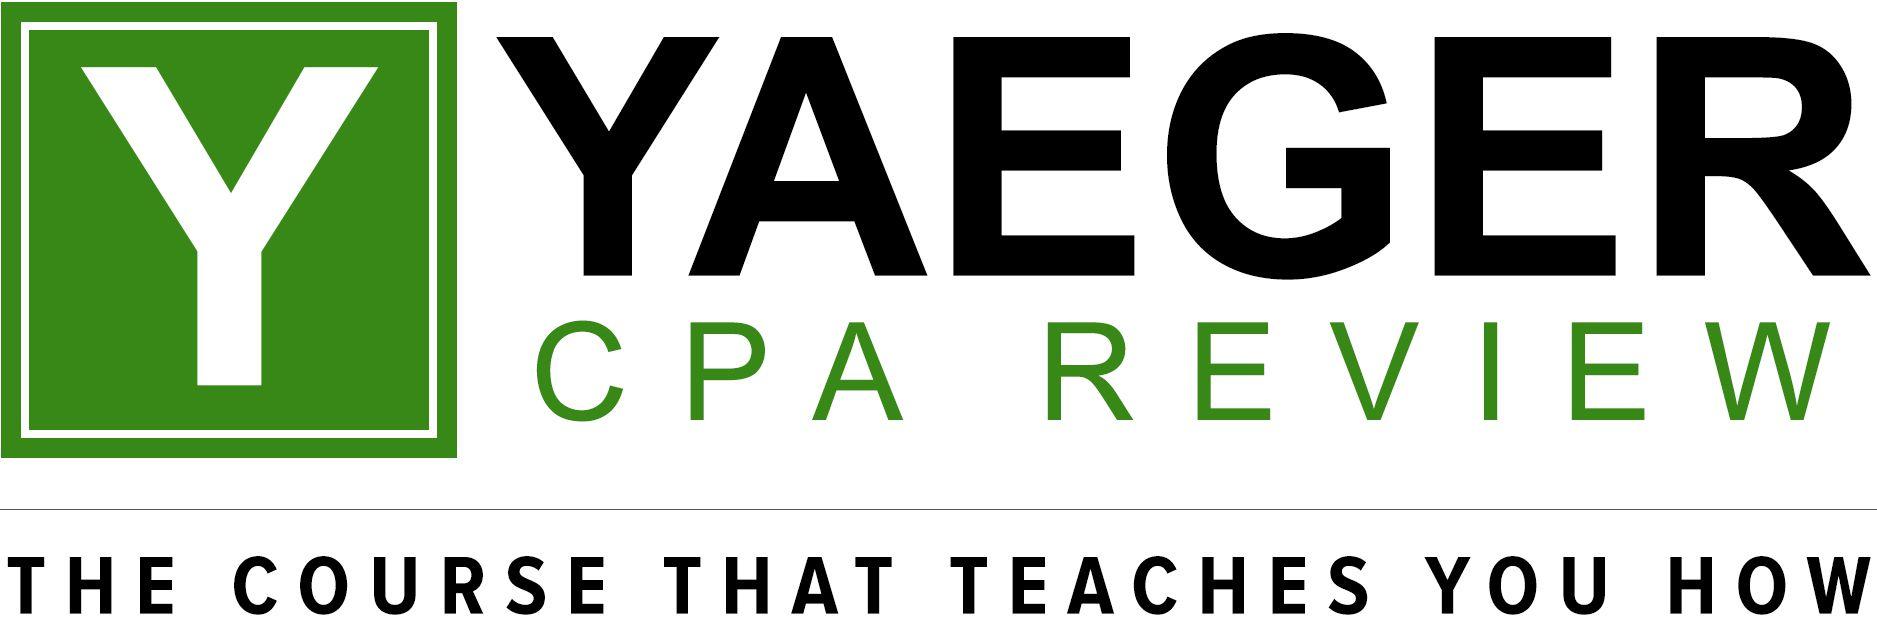 Revisión de Yaeger CPA